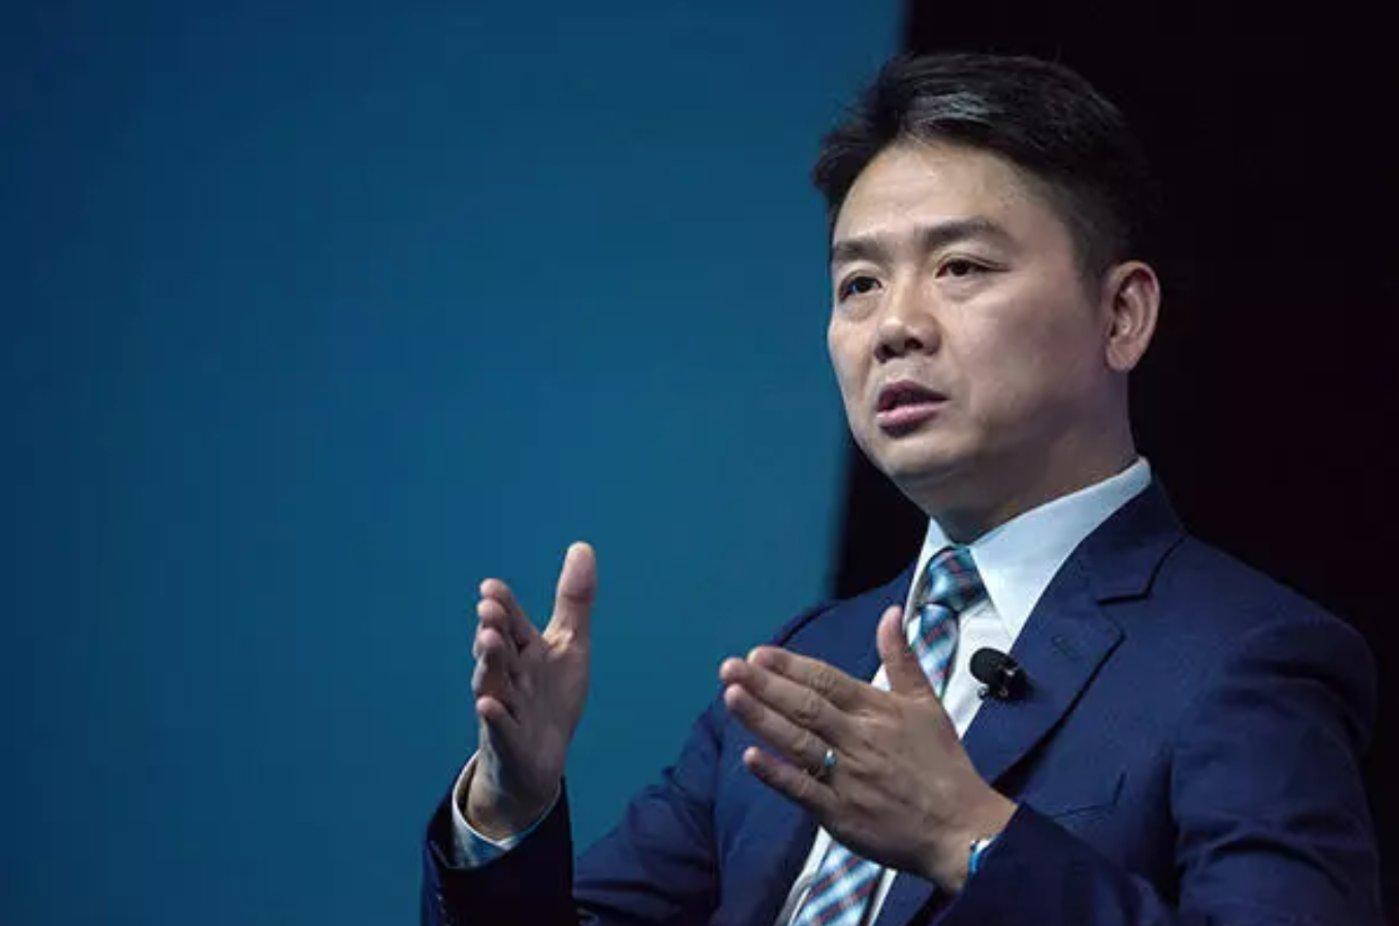 京东数科冲击科创板:估值近2000亿元,有望成为第一市值